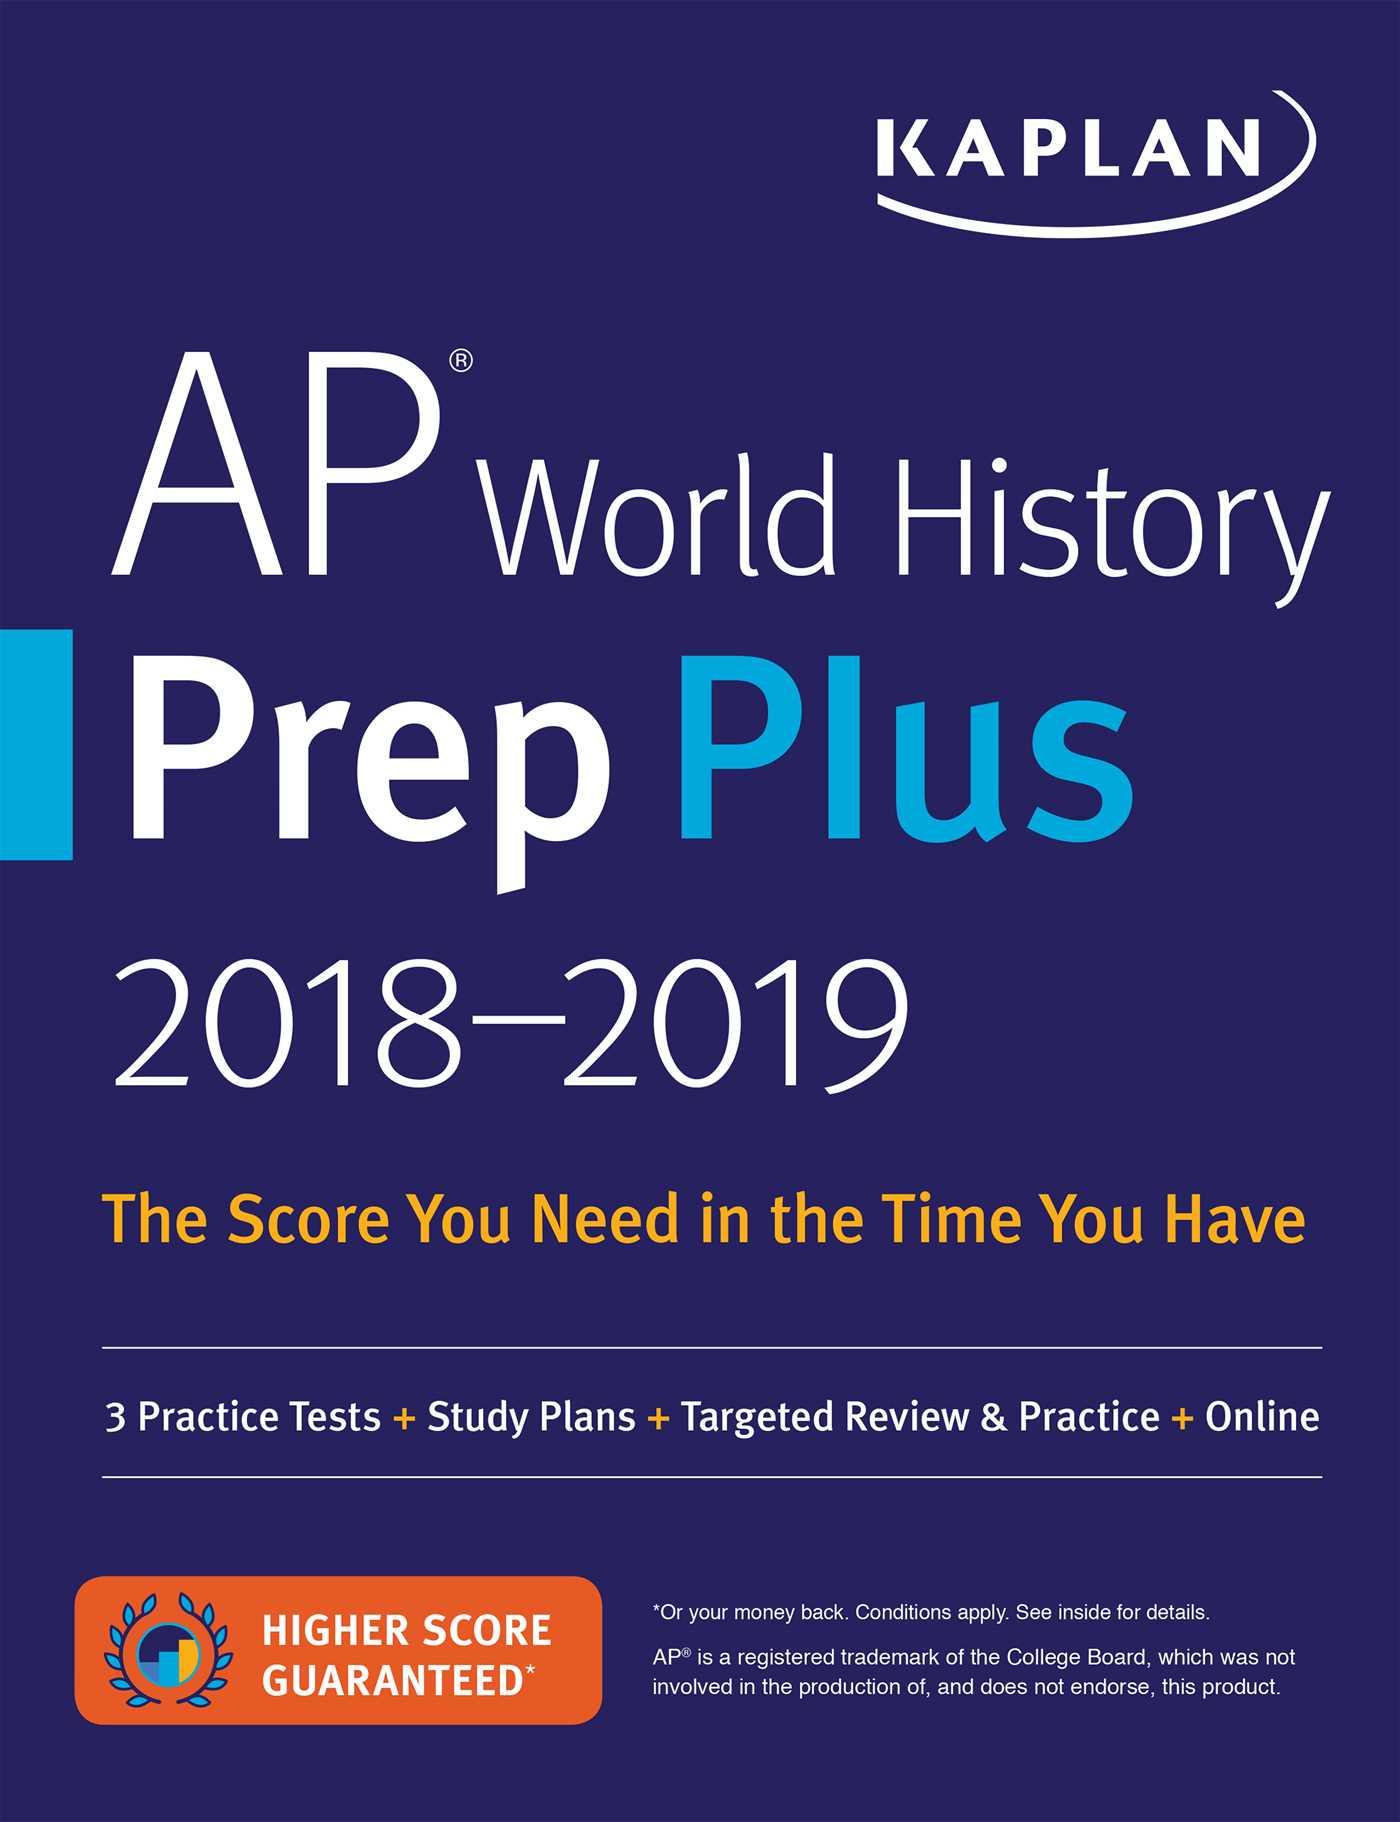 Ap world history prep plus 2018 2019 9781506203379 hr